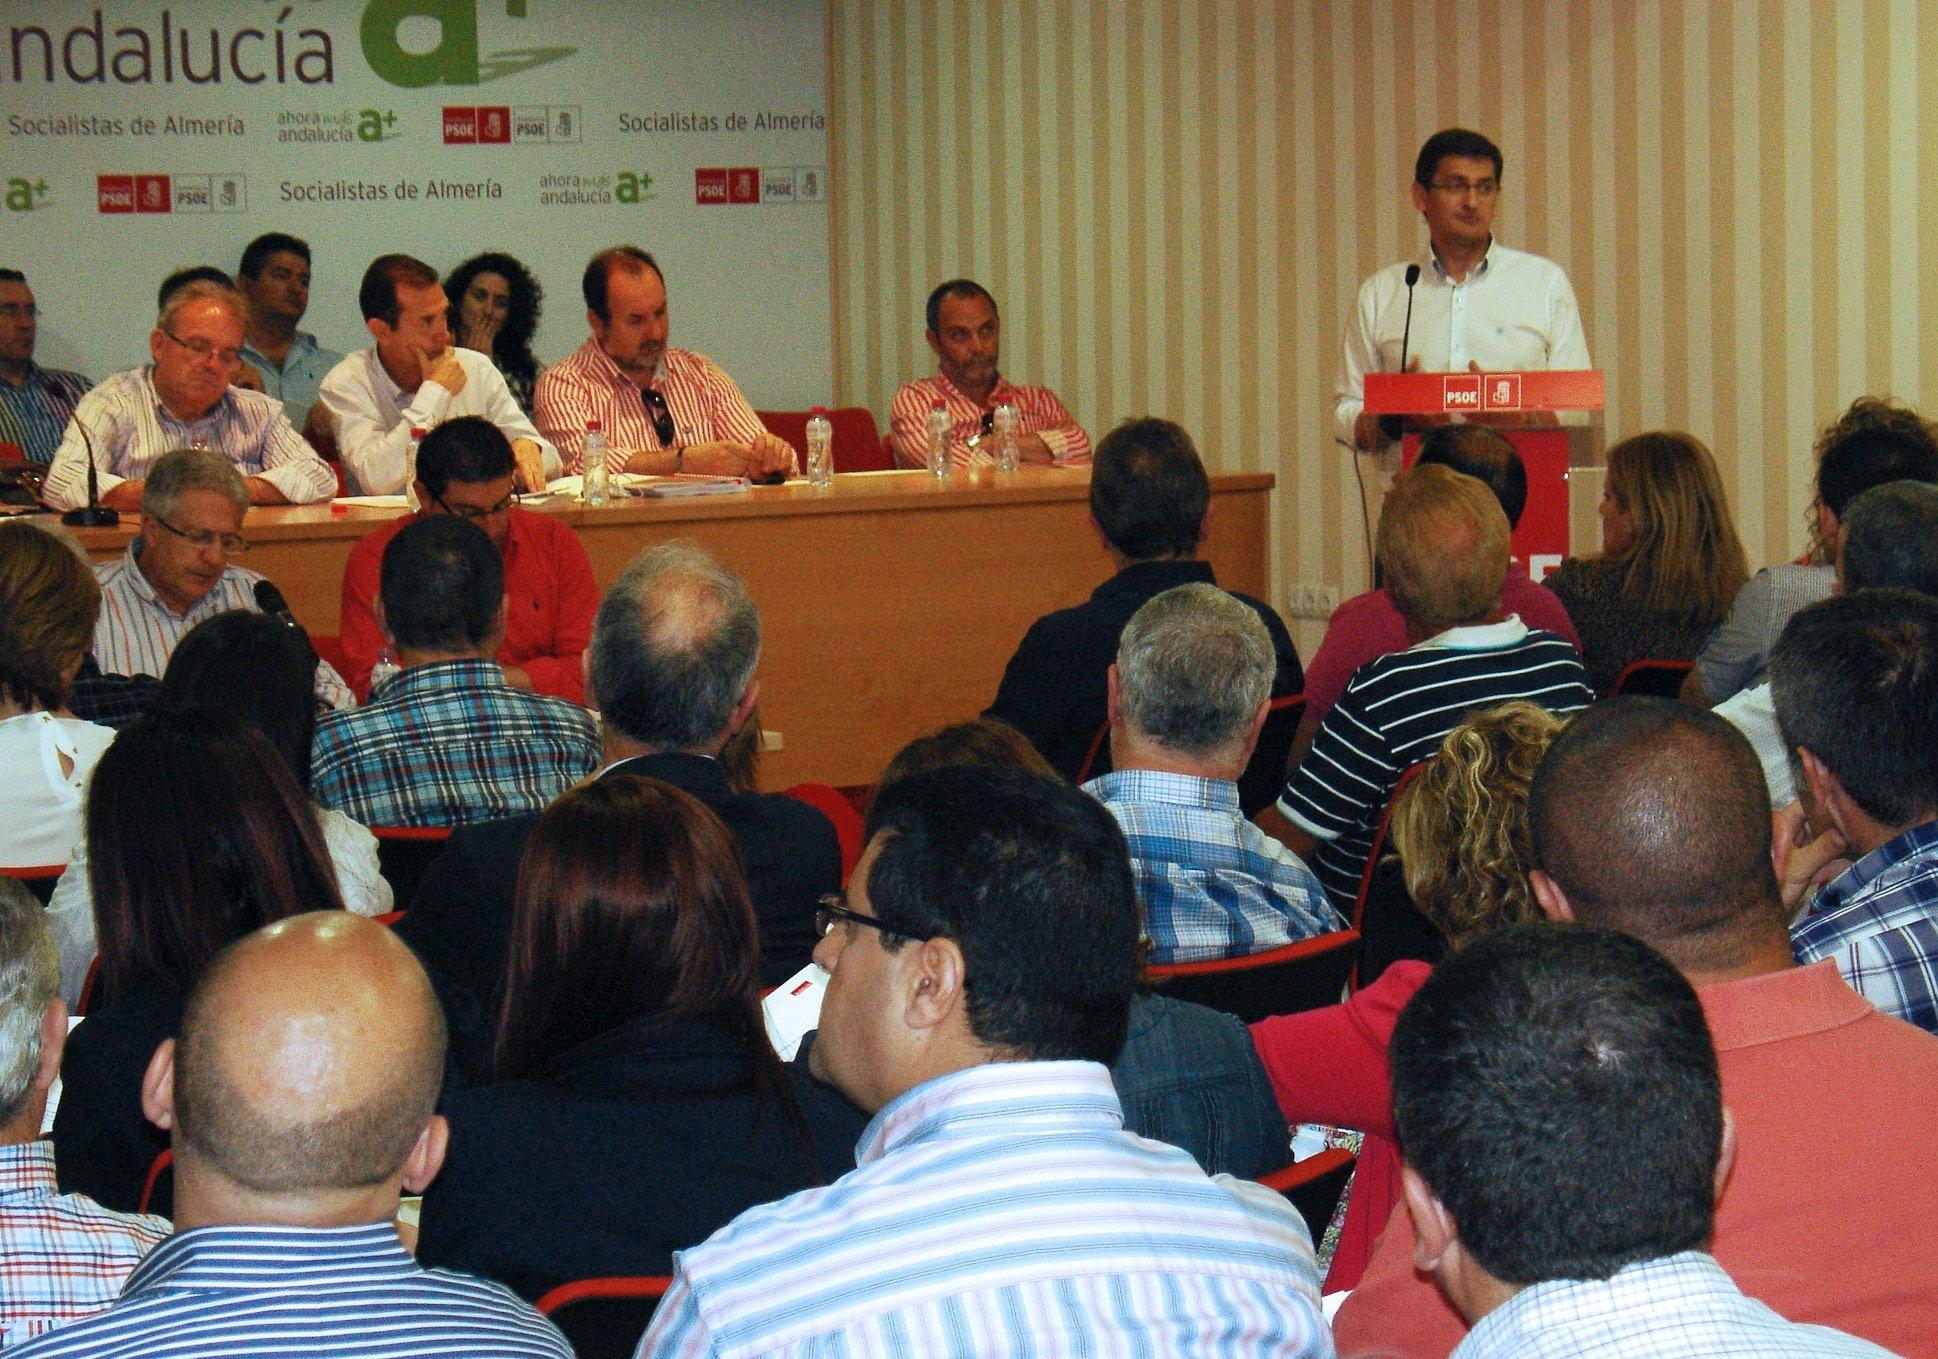 El congreso extraordinario del PSOE se celebra el 2 de junio en Almería y el ordinario el 14 de julio en Vícar